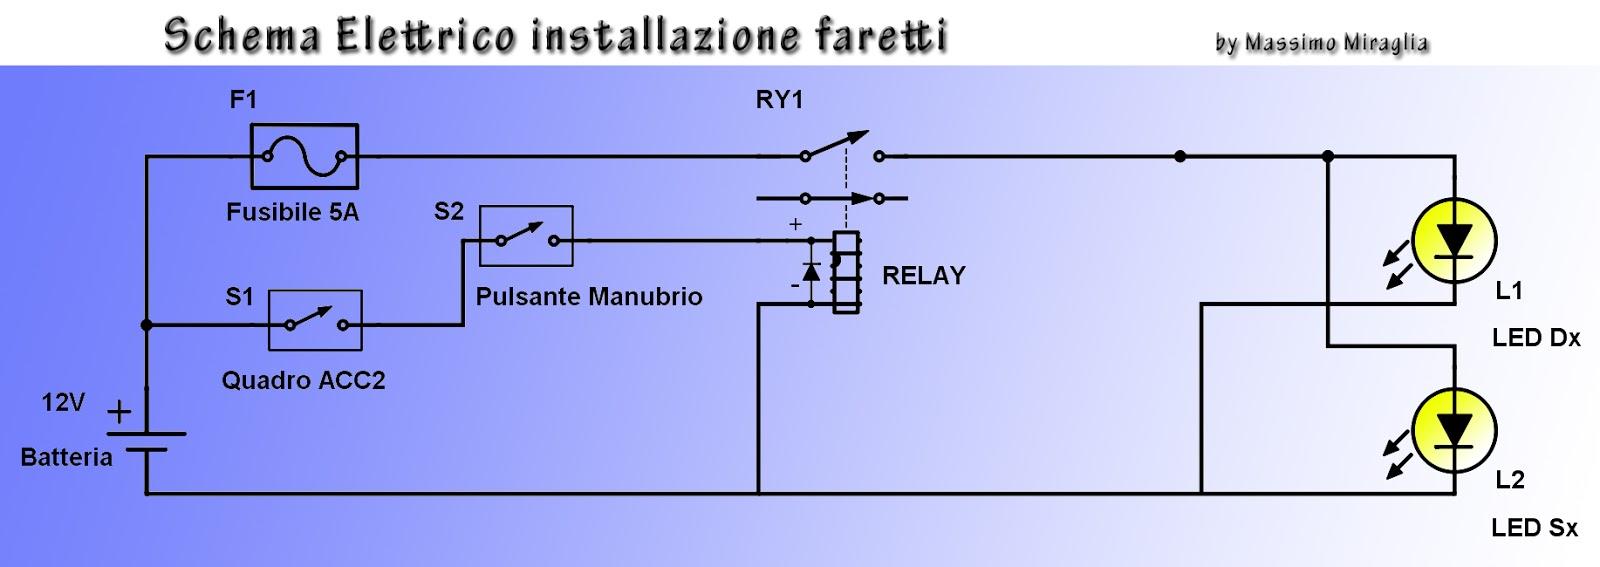 Schema Elettrico Per Faretti Moto : Massimo miraglia ktm adventure r tuning